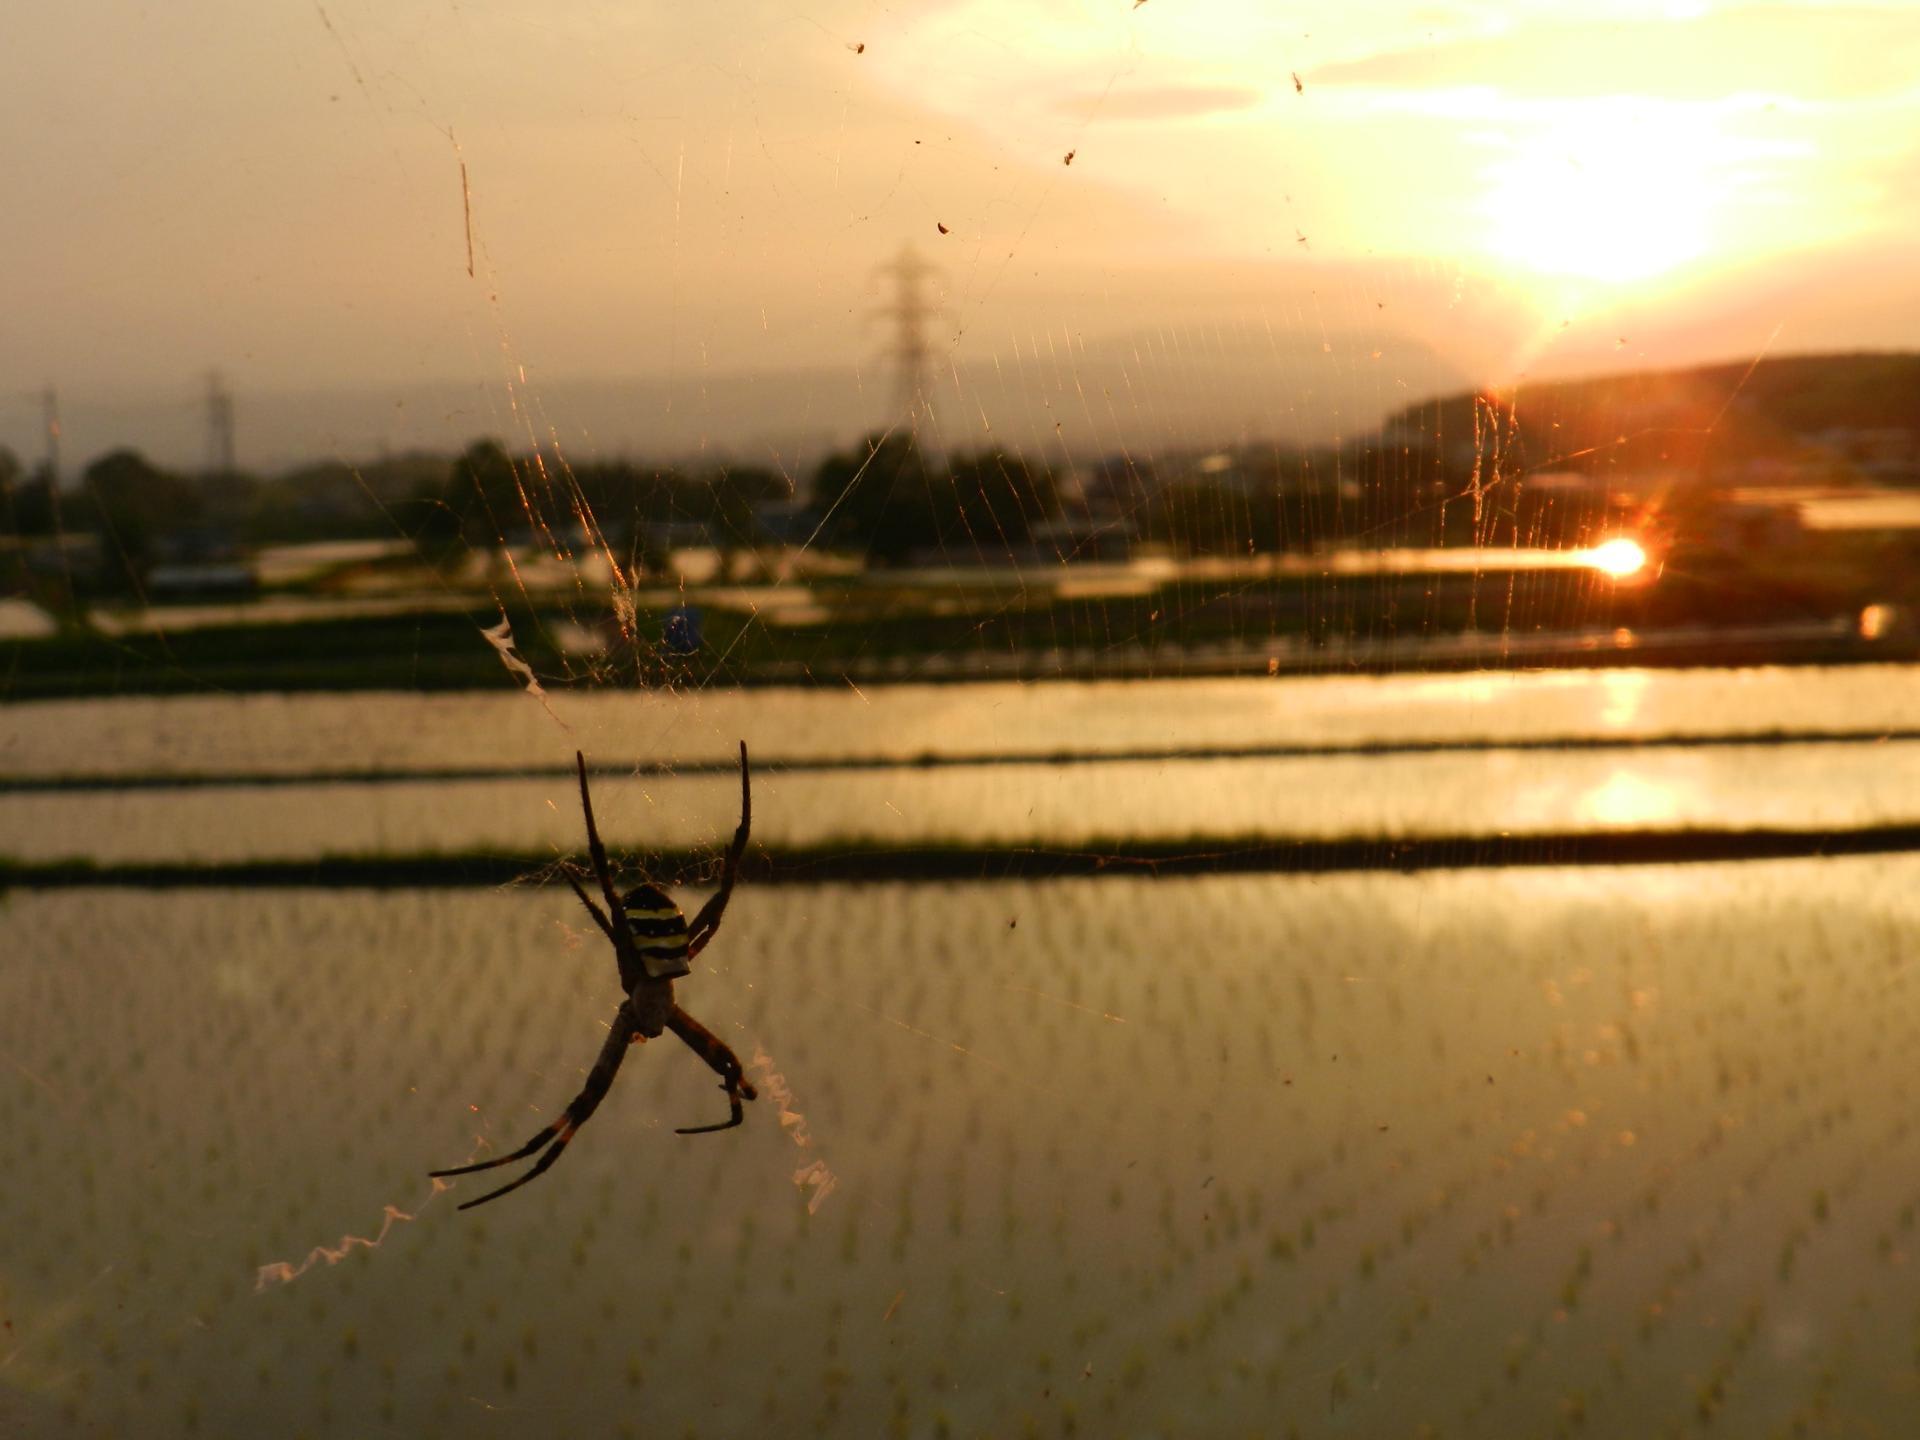 田園の夕日景色 - メジロさんの日々の備忘録